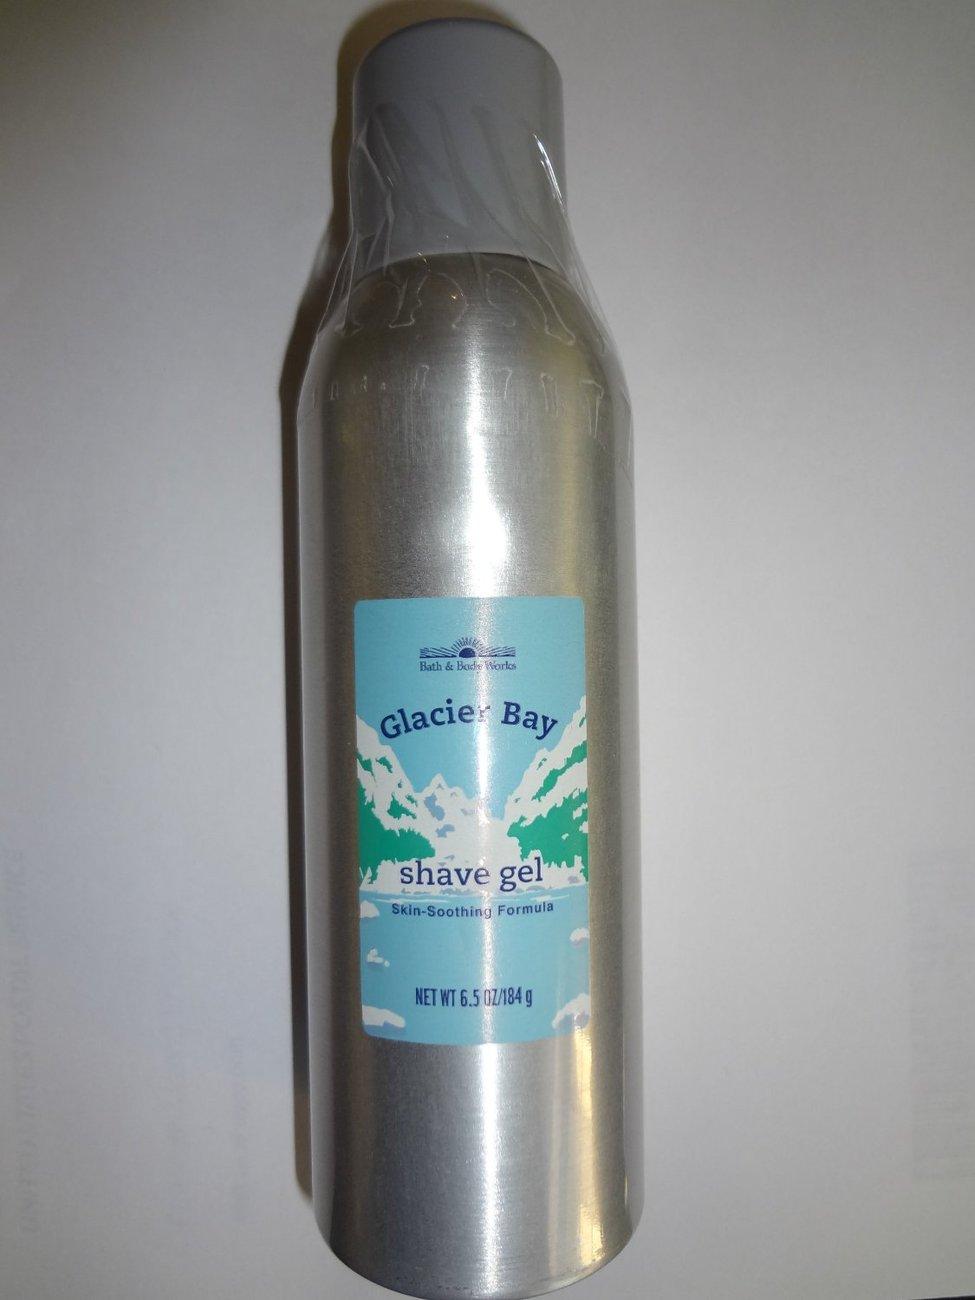 Bath & Body Works Glacier Bay Shave Gel 6.5 oz/ 184 g